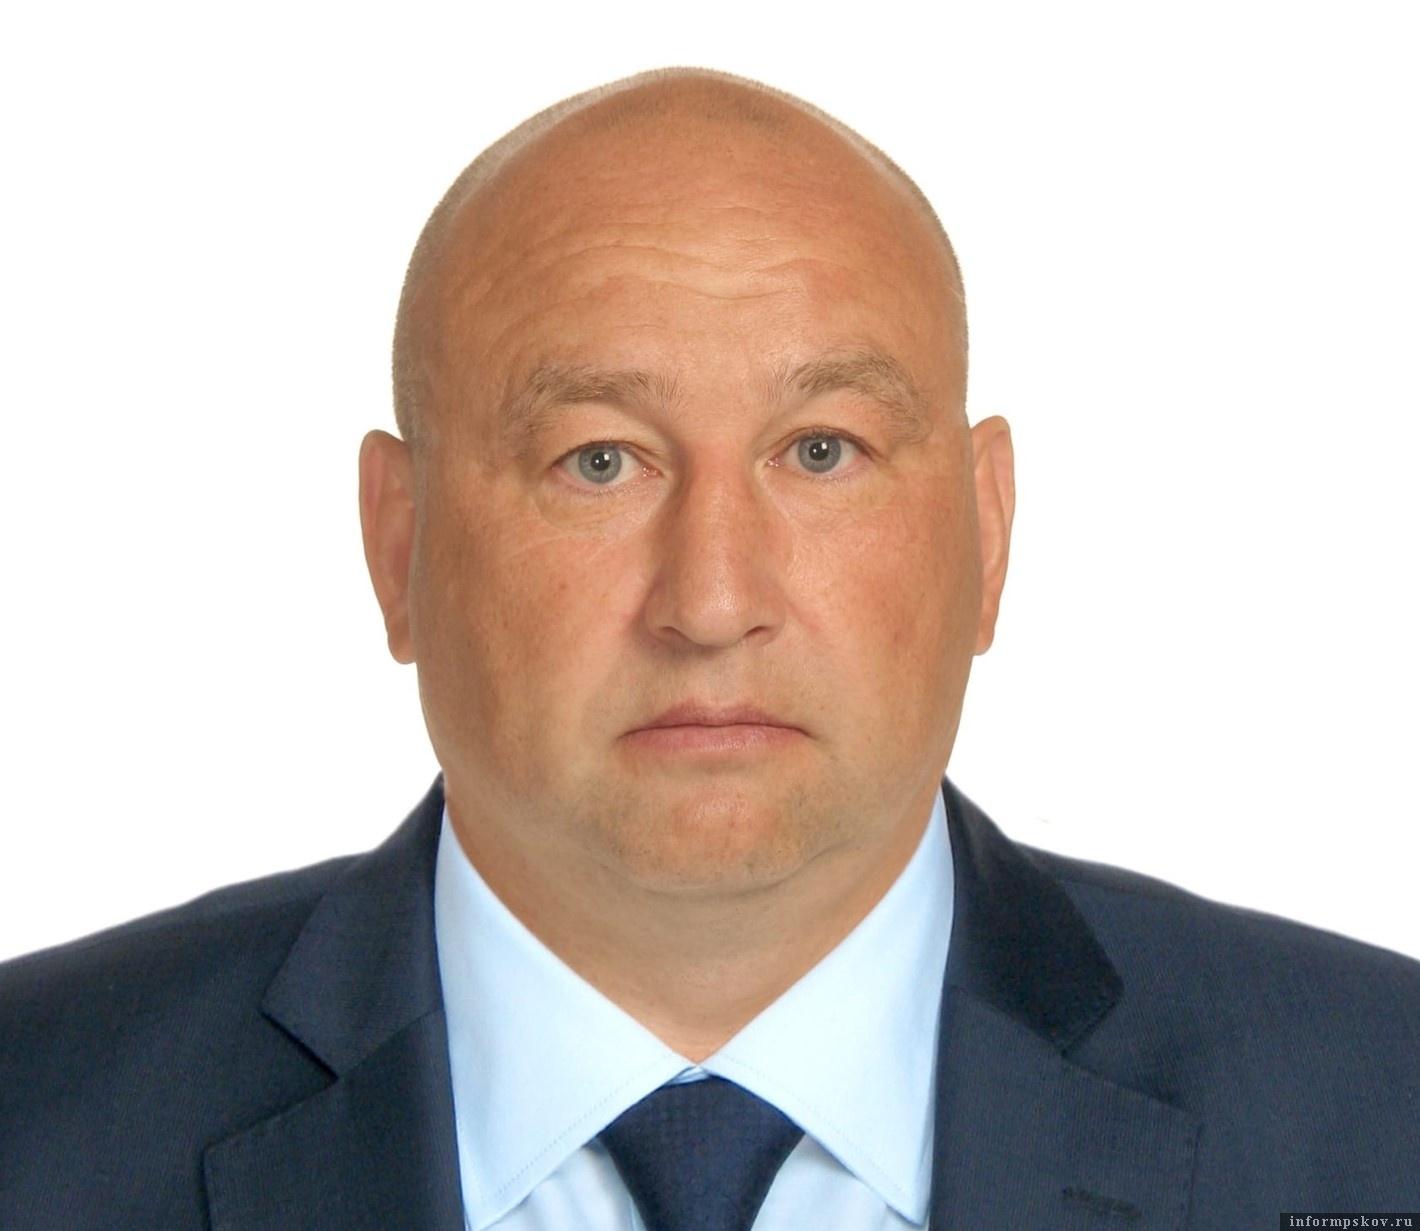 Алексей Харлашин. Фото из аккаунта А. Харлашина в Вконтакте